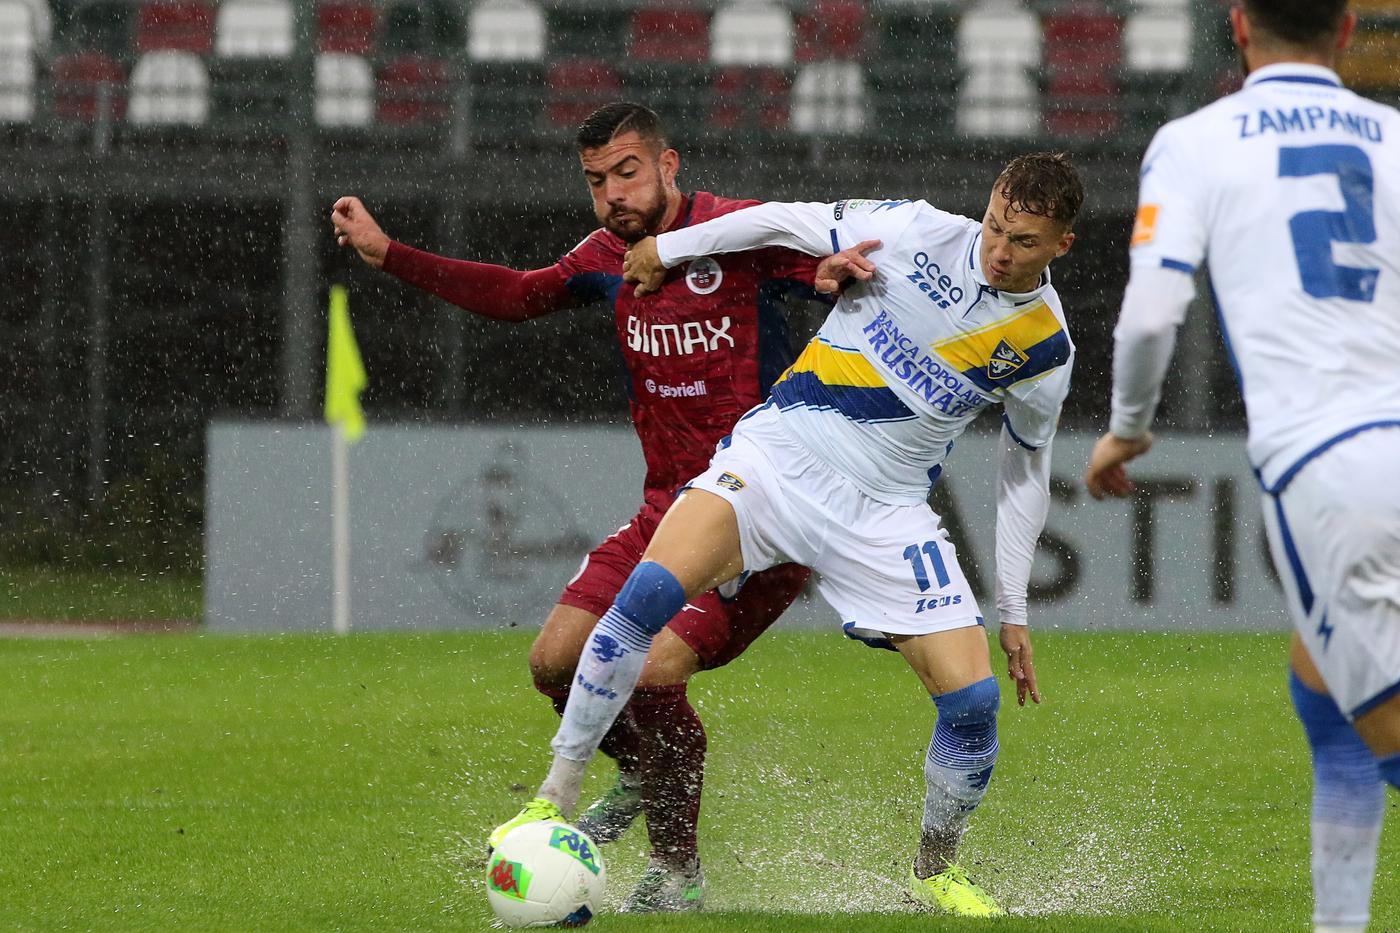 Pronostico Frosinone-Entella 1 febbraio: le quote di Serie B